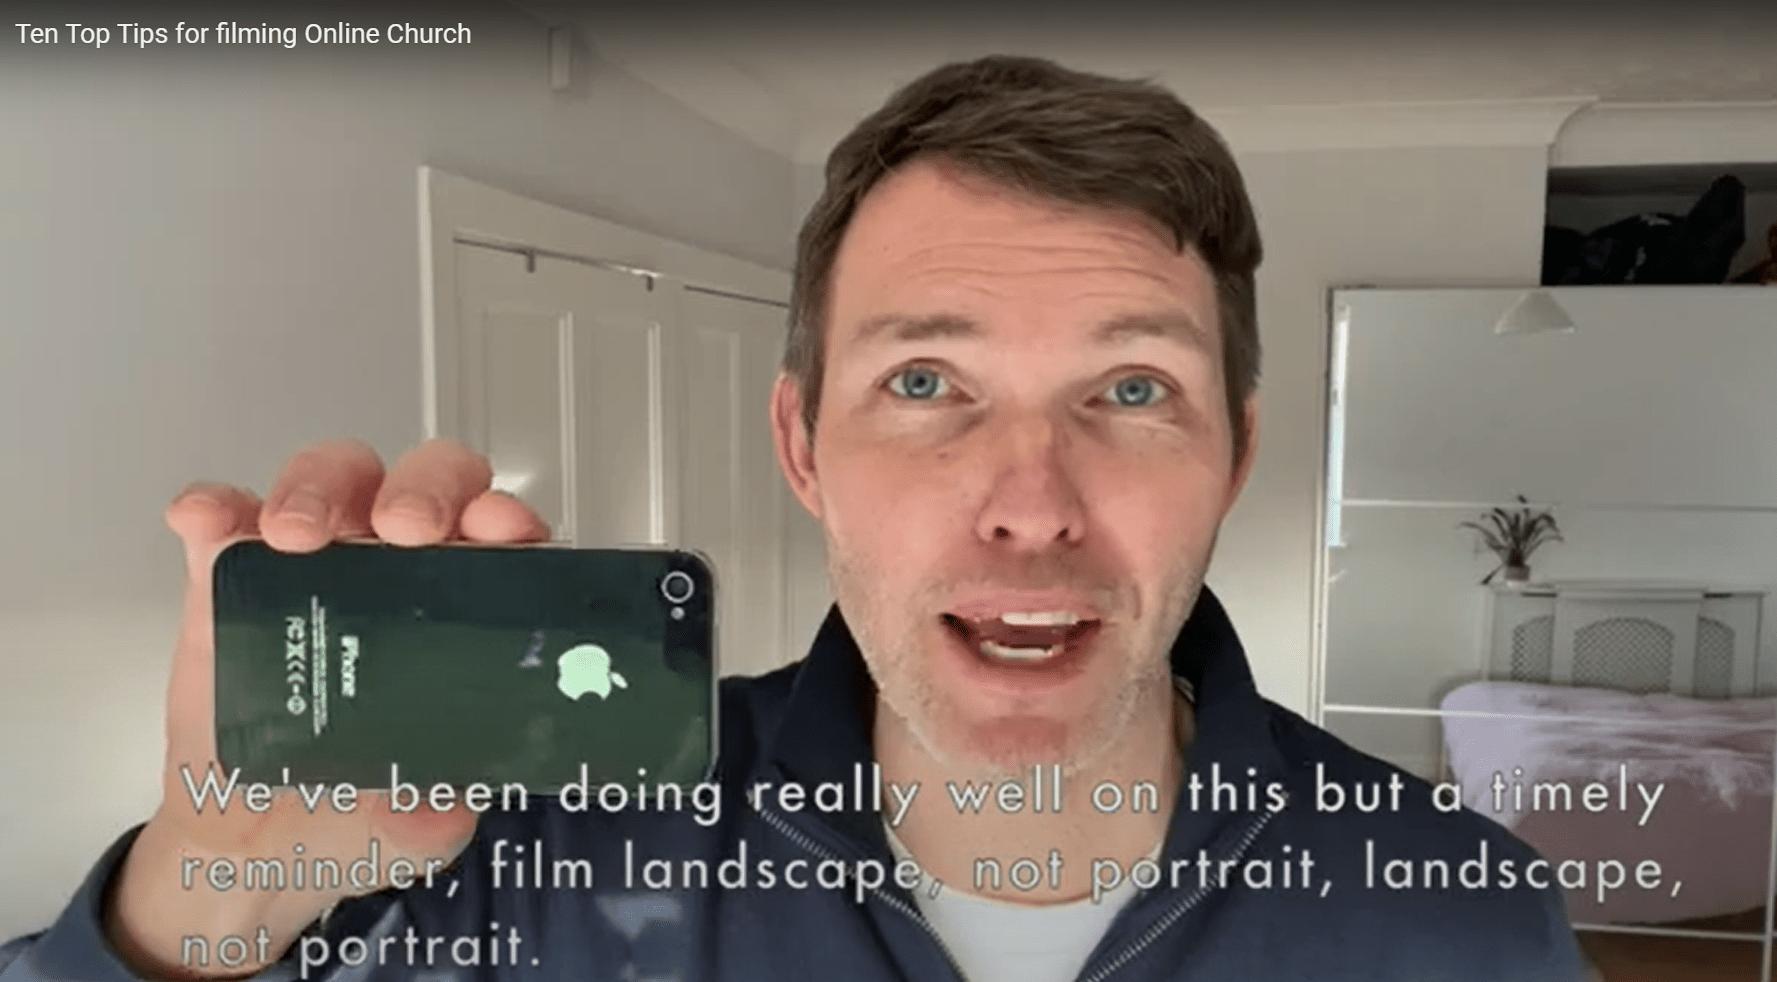 Ten Top Tips for Filming Online Church